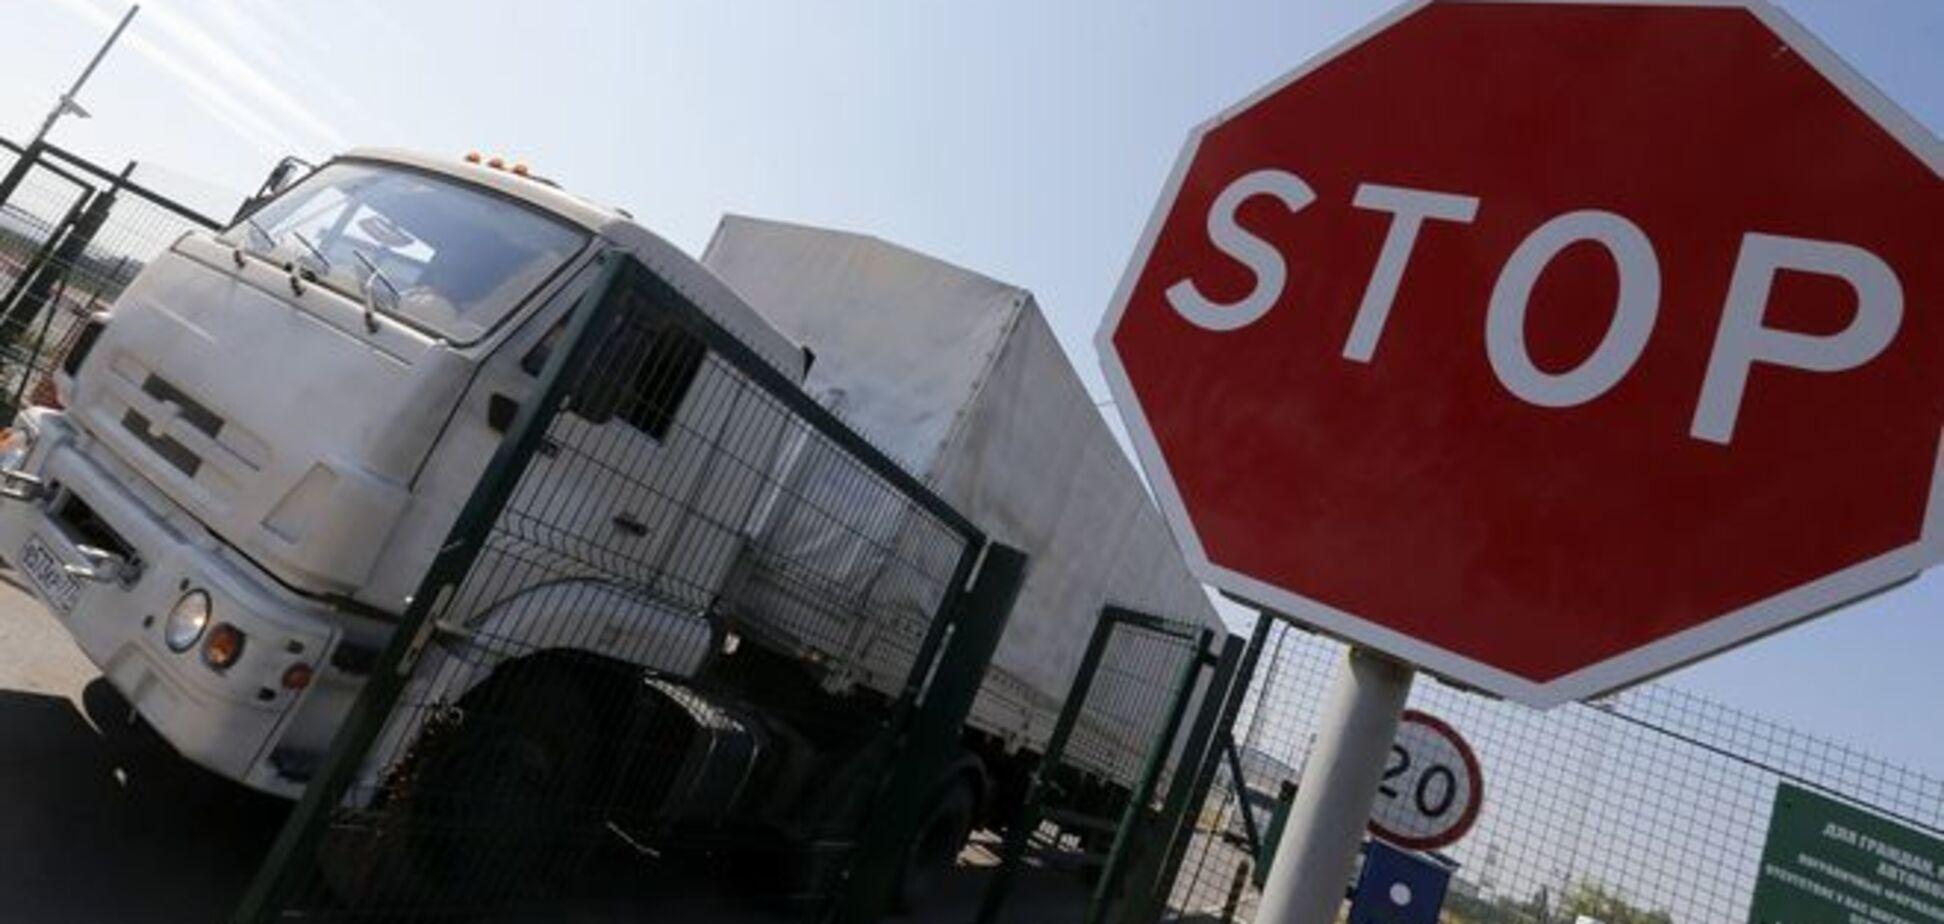 Українські прикордонники та митники оглянули 'гумконвой' РФ, але не оформили